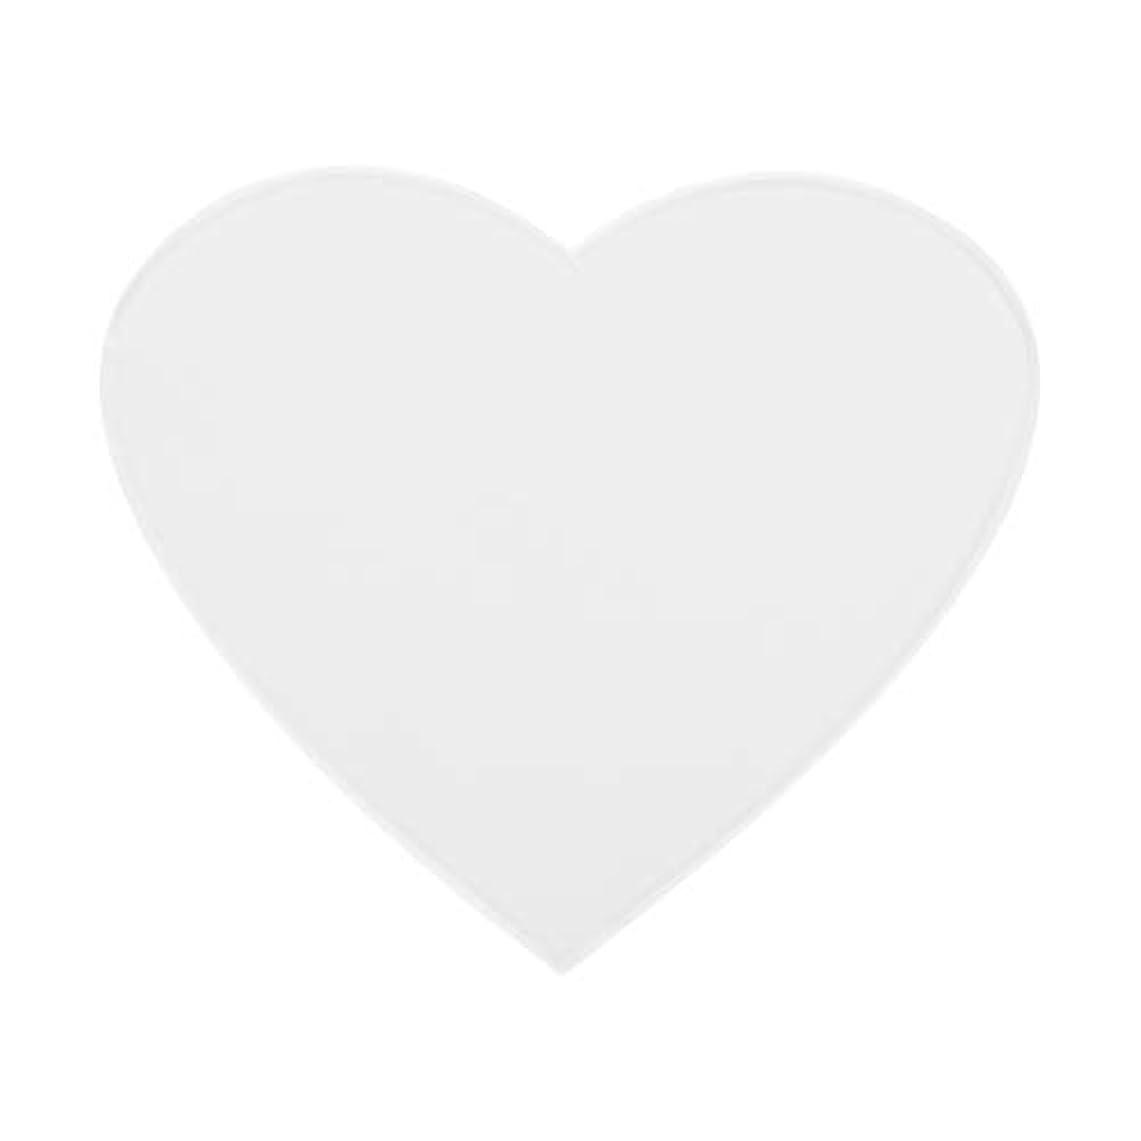 かまど単なるより多いアンチリンクルシリコンチェストパッドケア再利用可能パッド(心臓)